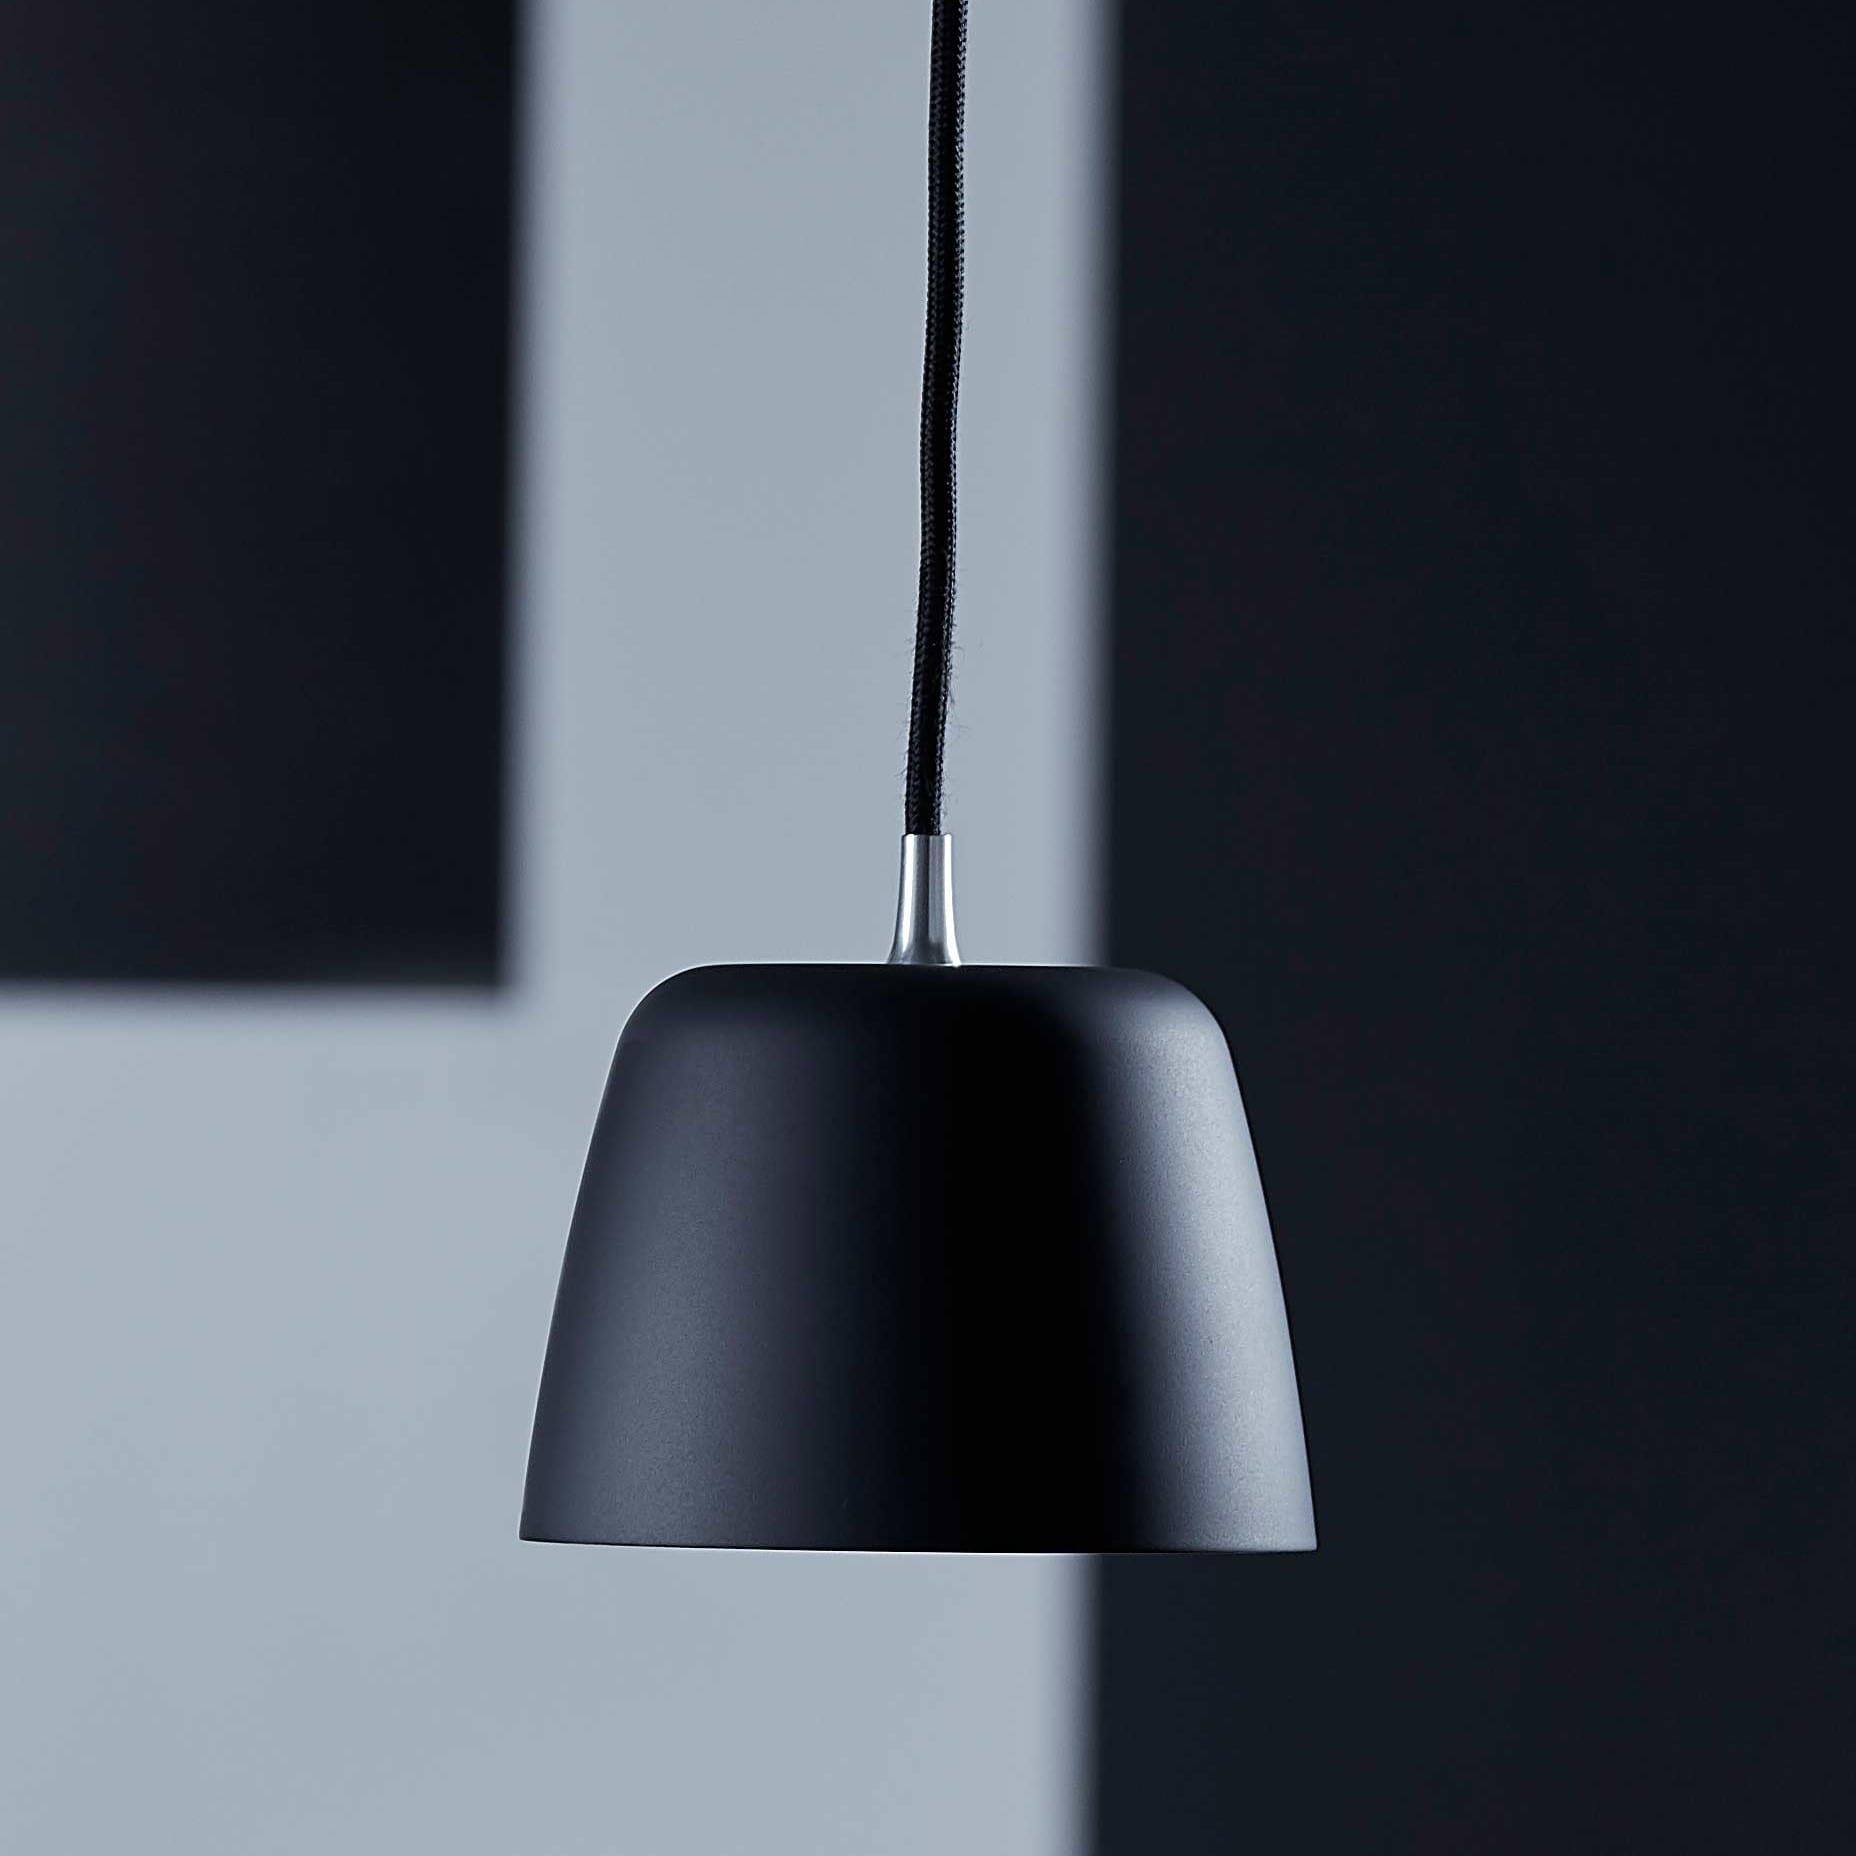 Noir pendel 132 Matt sort | Illuminor as